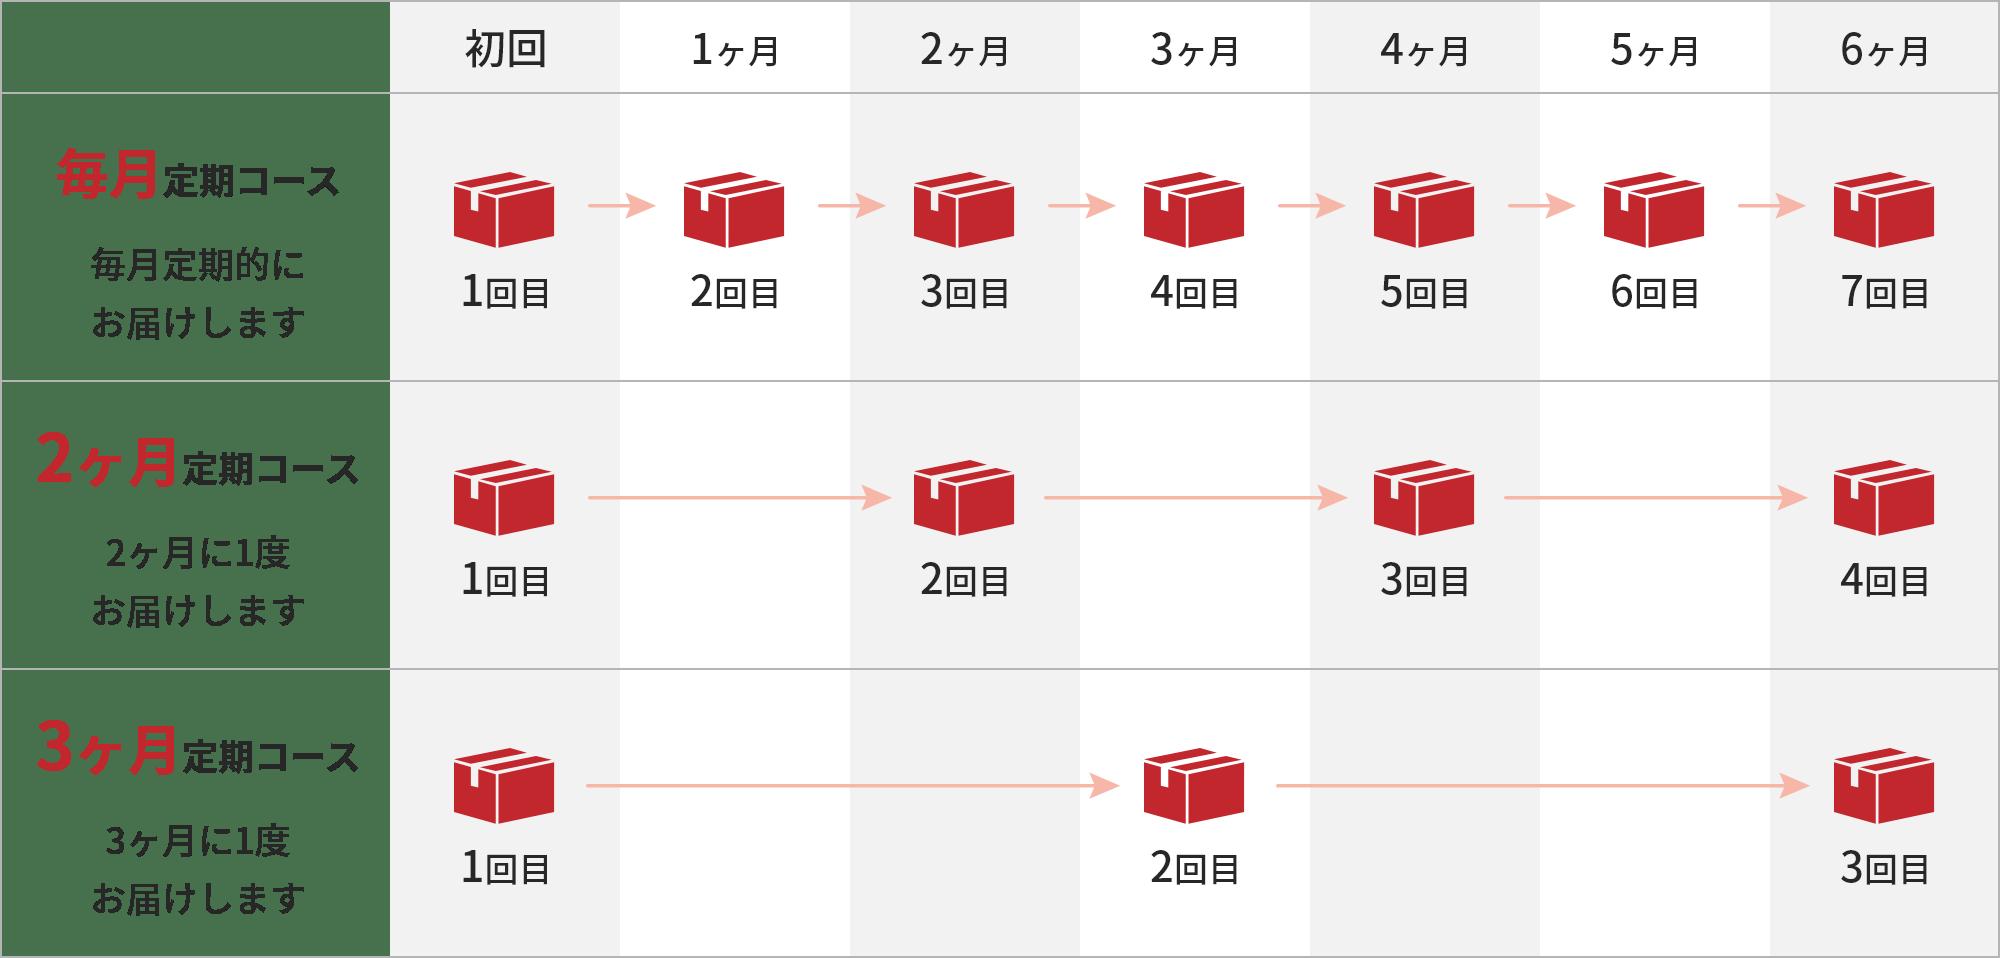 3つのコース図